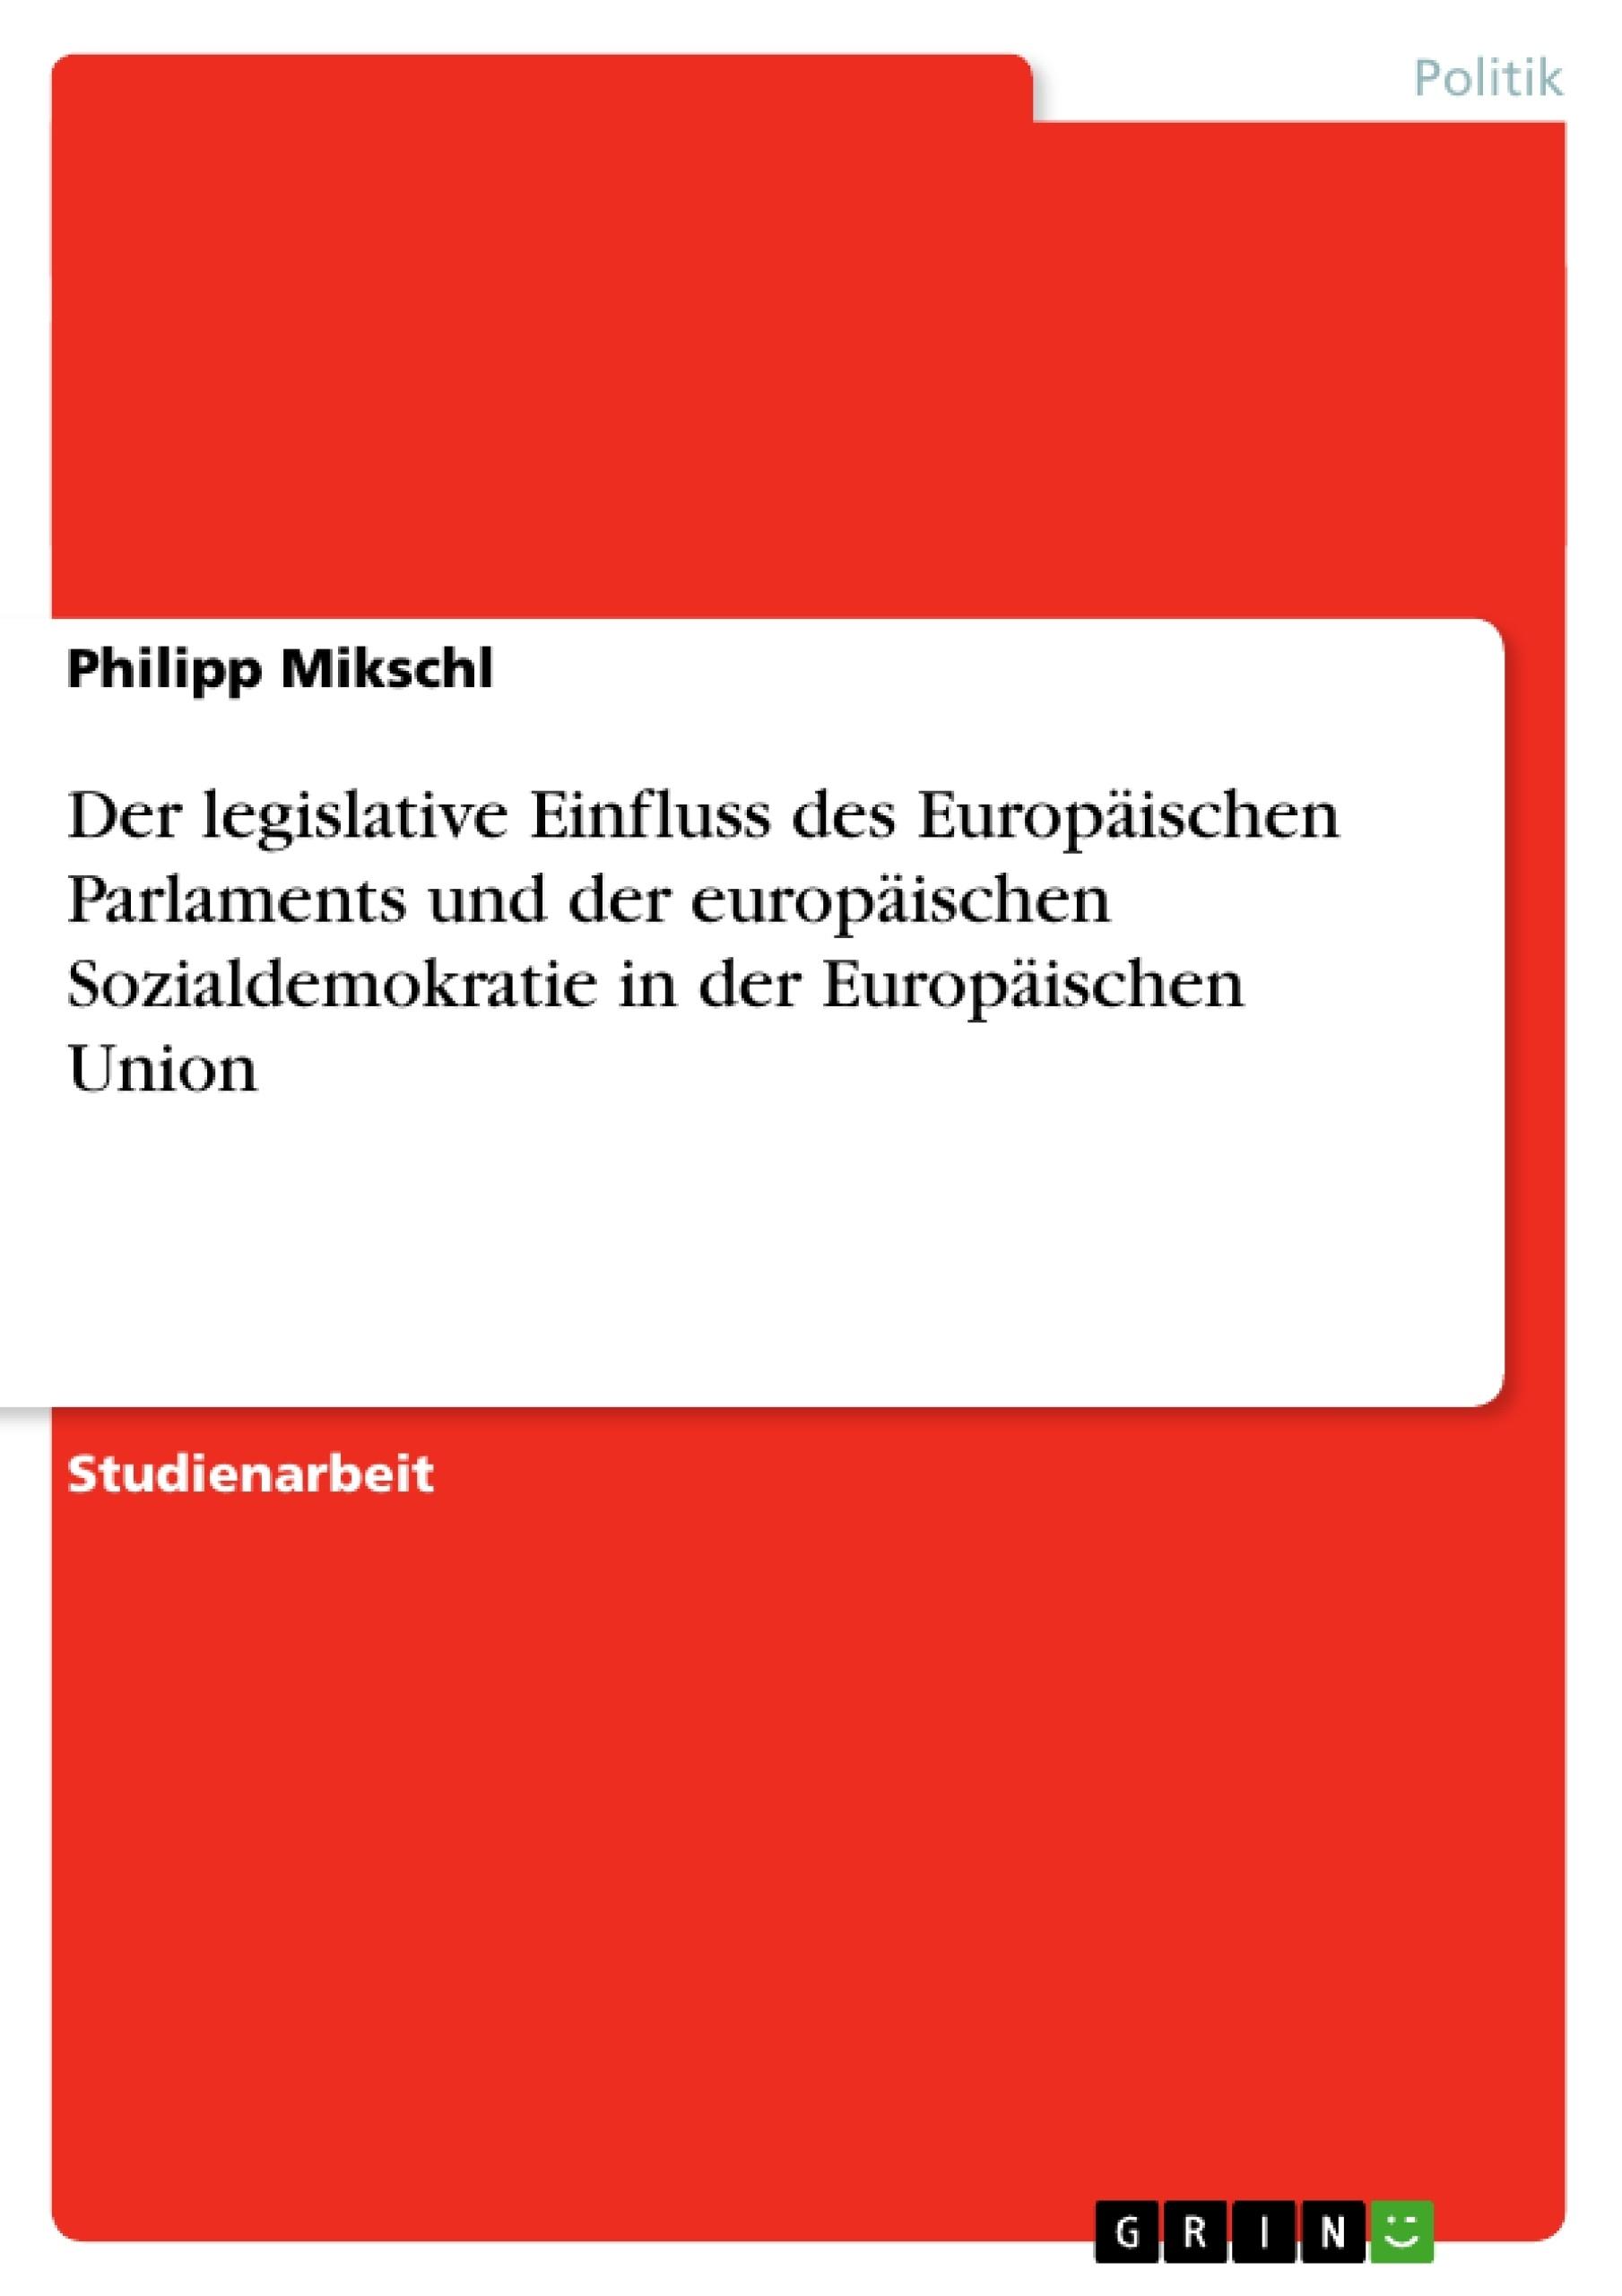 Titel: Der legislative Einfluss des Europäischen Parlaments und der europäischen Sozialdemokratie in der Europäischen Union